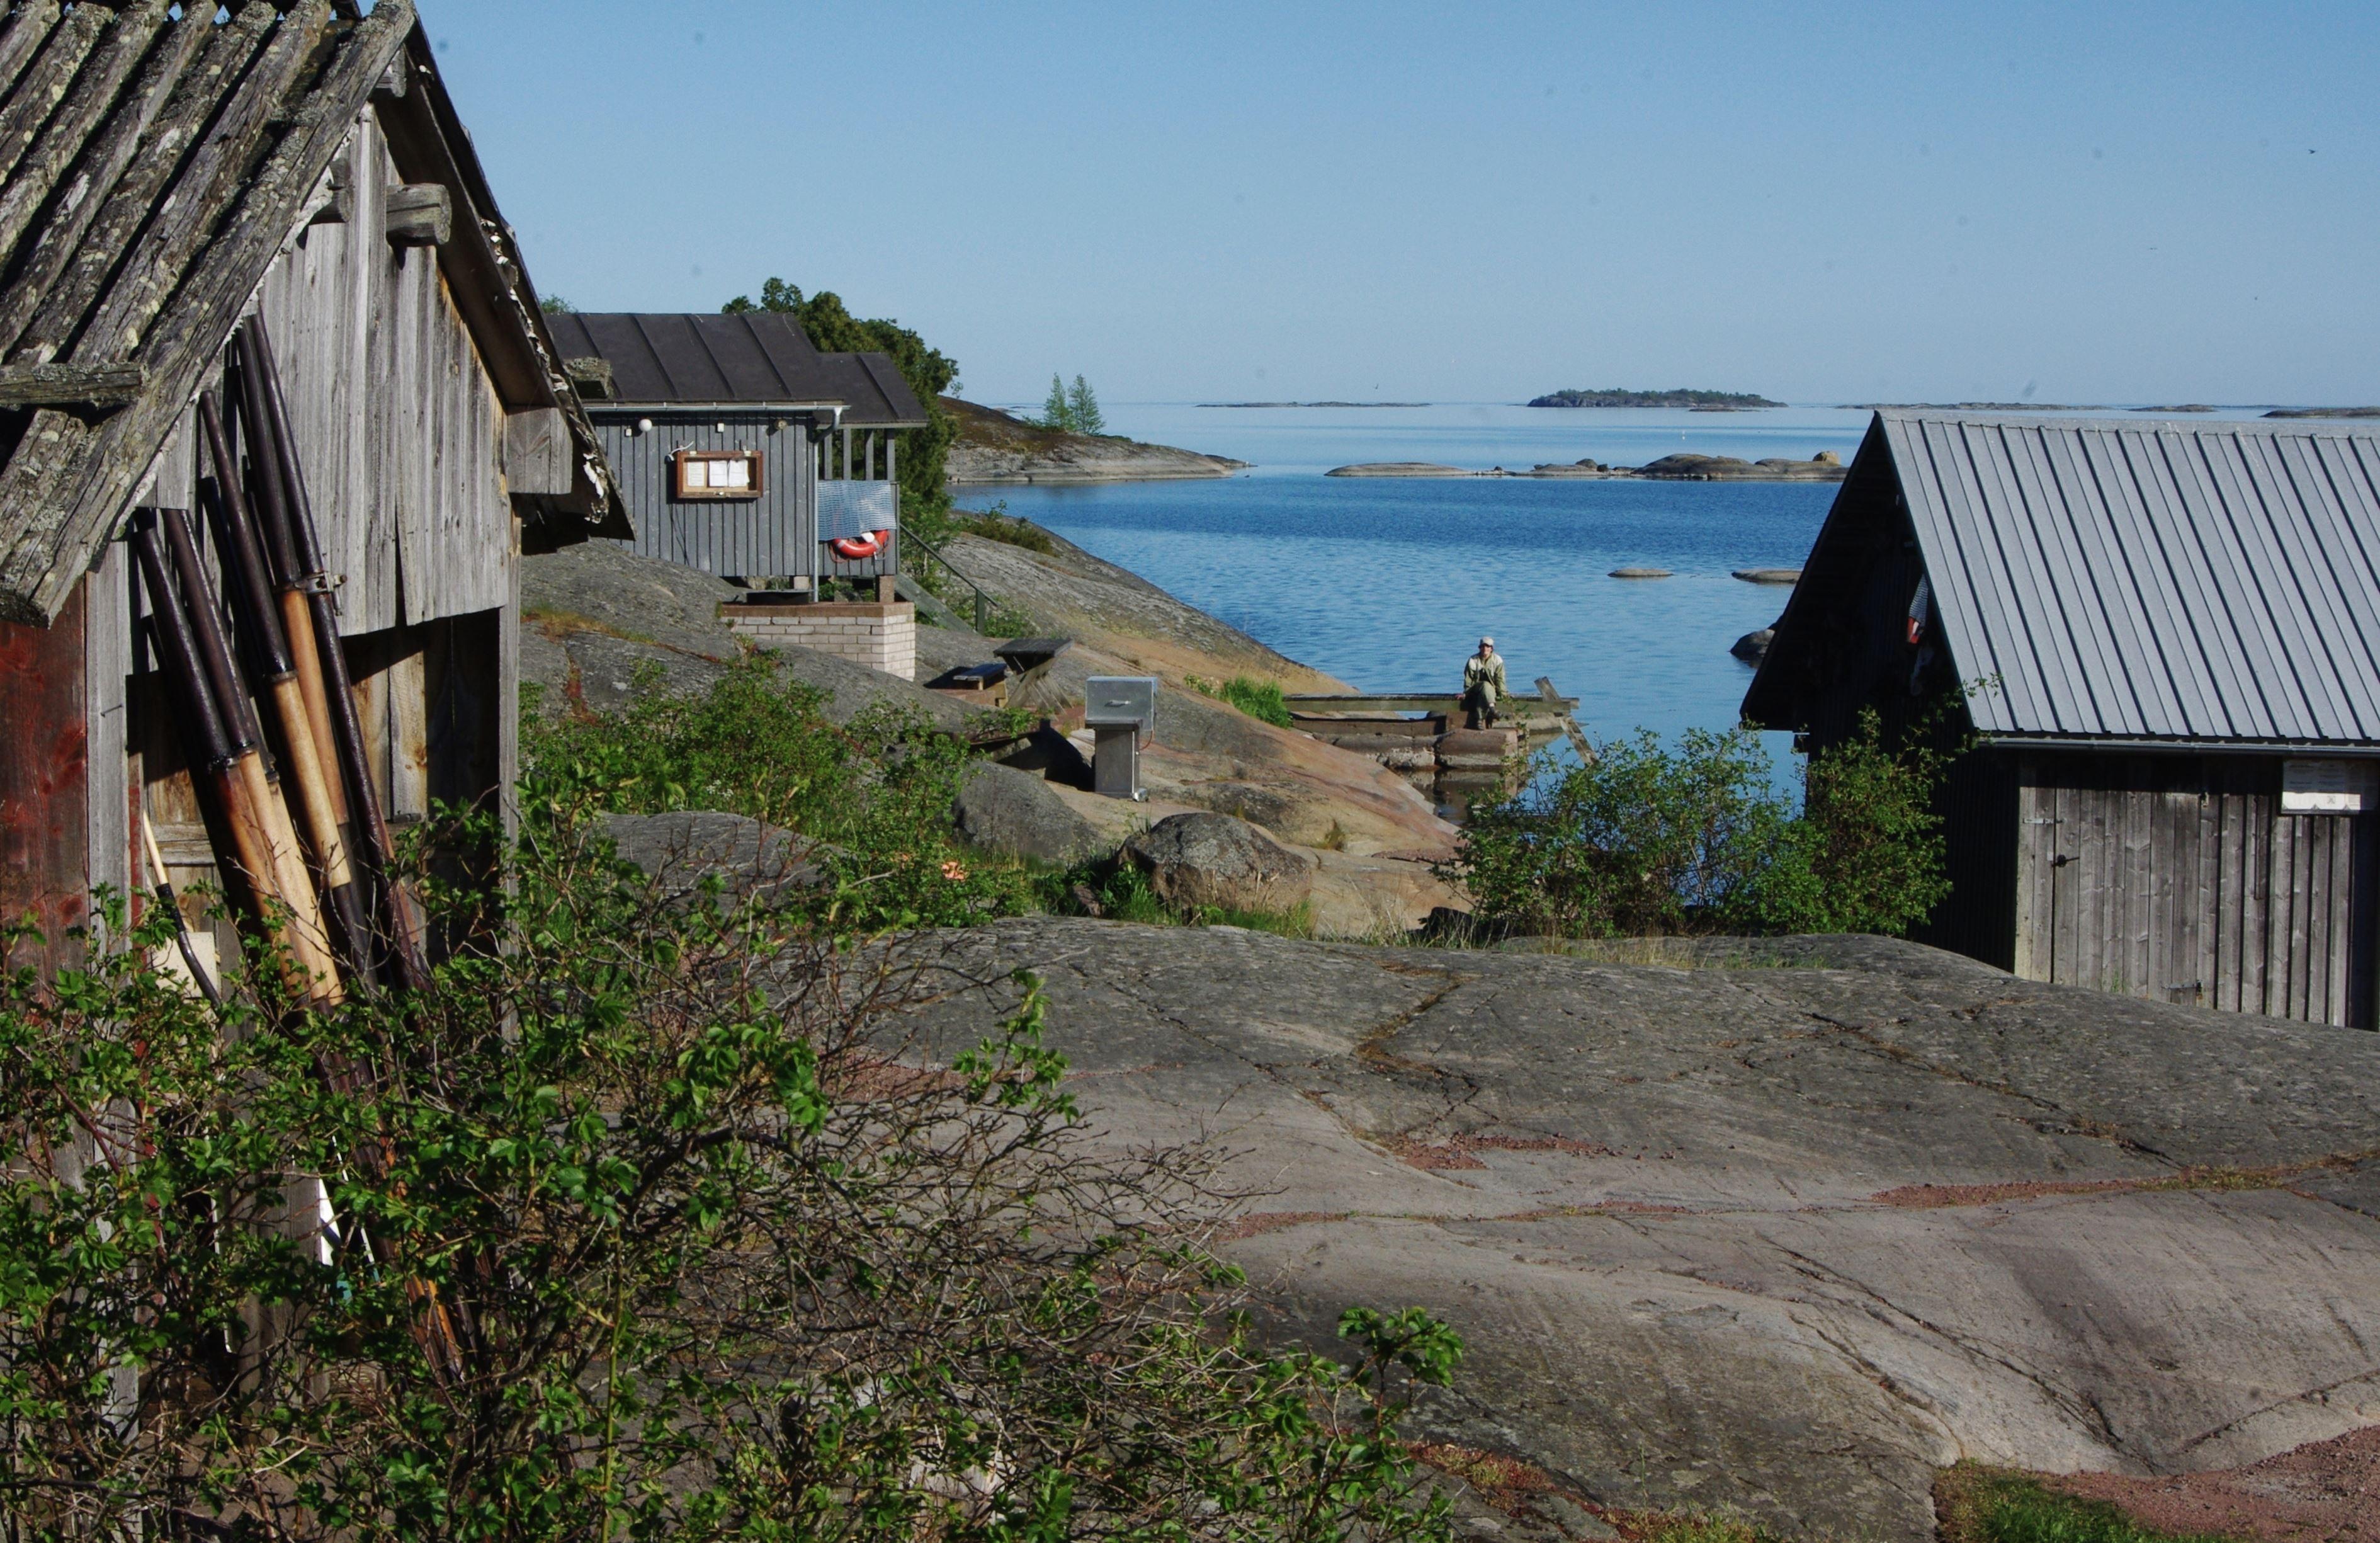 Isakssons Stugby, vid havet